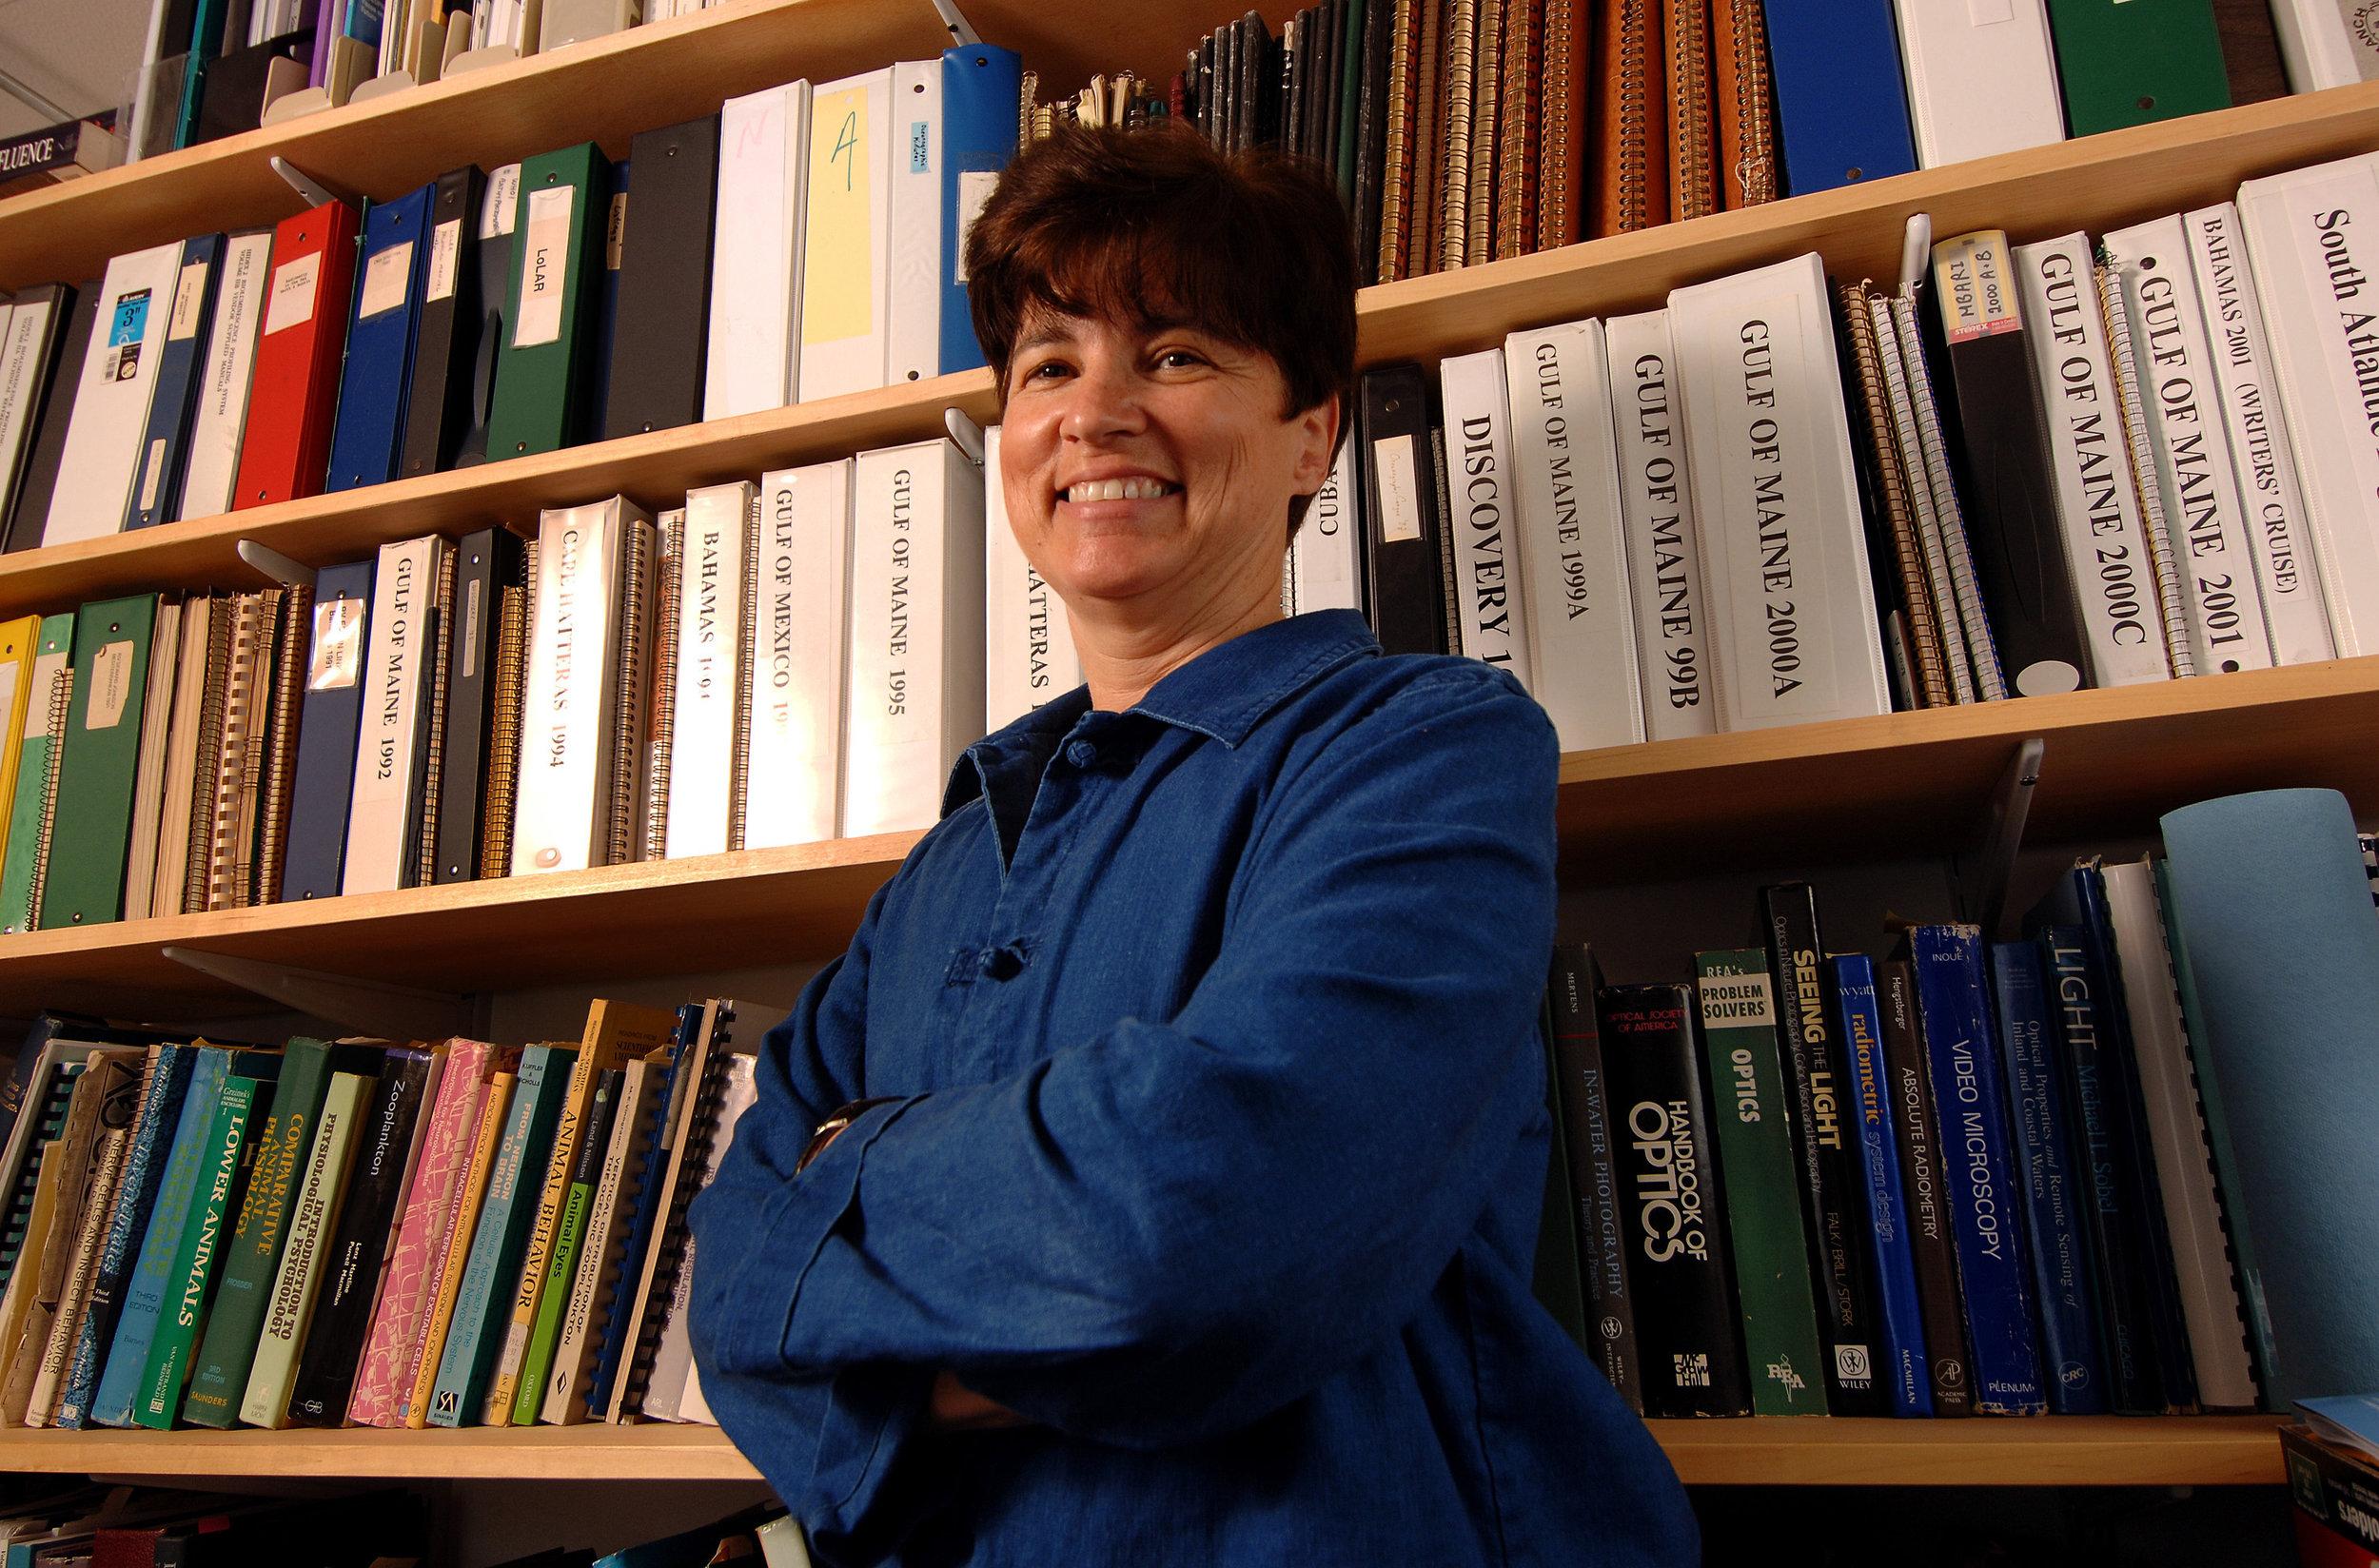 Edie Widder